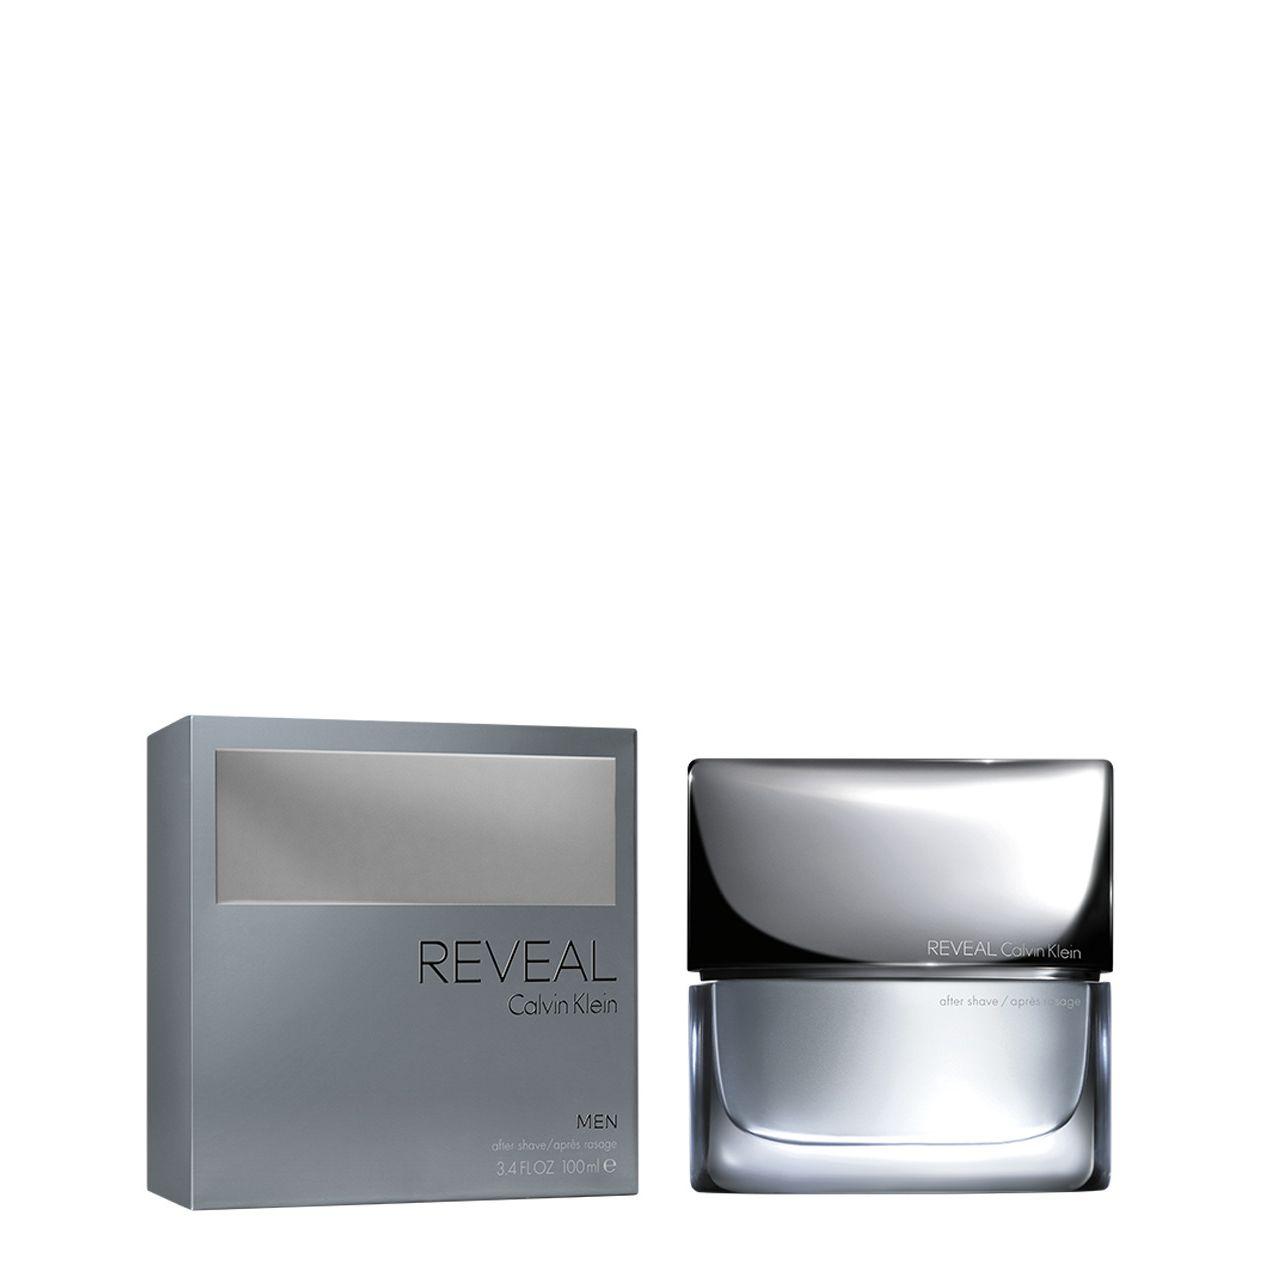 Calvin Klein Reveal Men Dopobarba 100 ml Spray